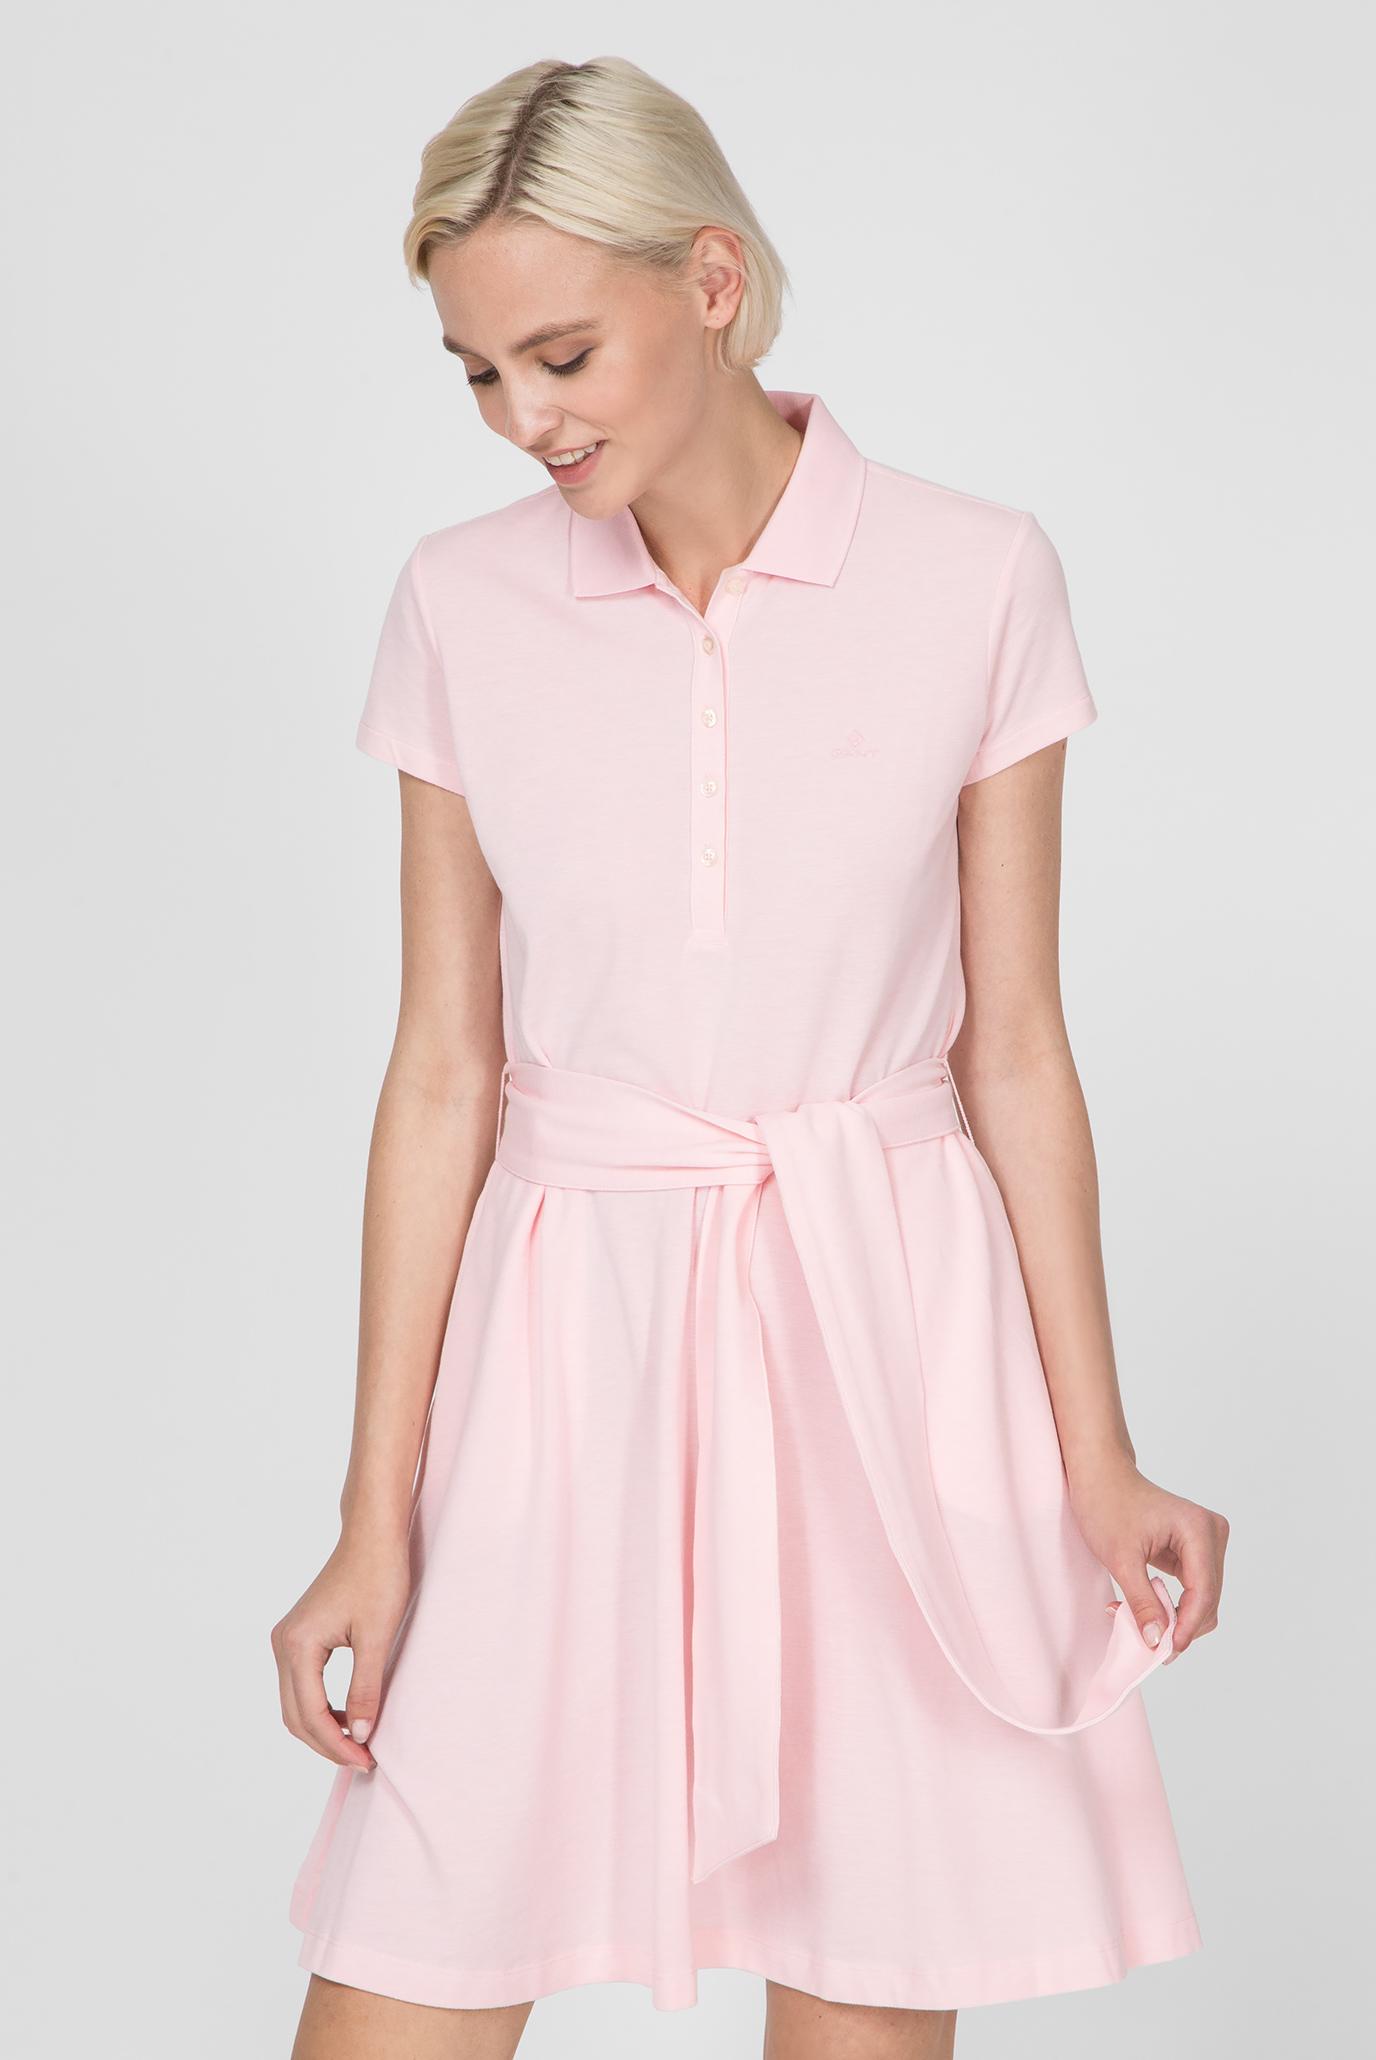 d9e7378e2c82 Купить Женское розовое платье-поло OXFORD PIQUE Gant Gant 4202306 ...